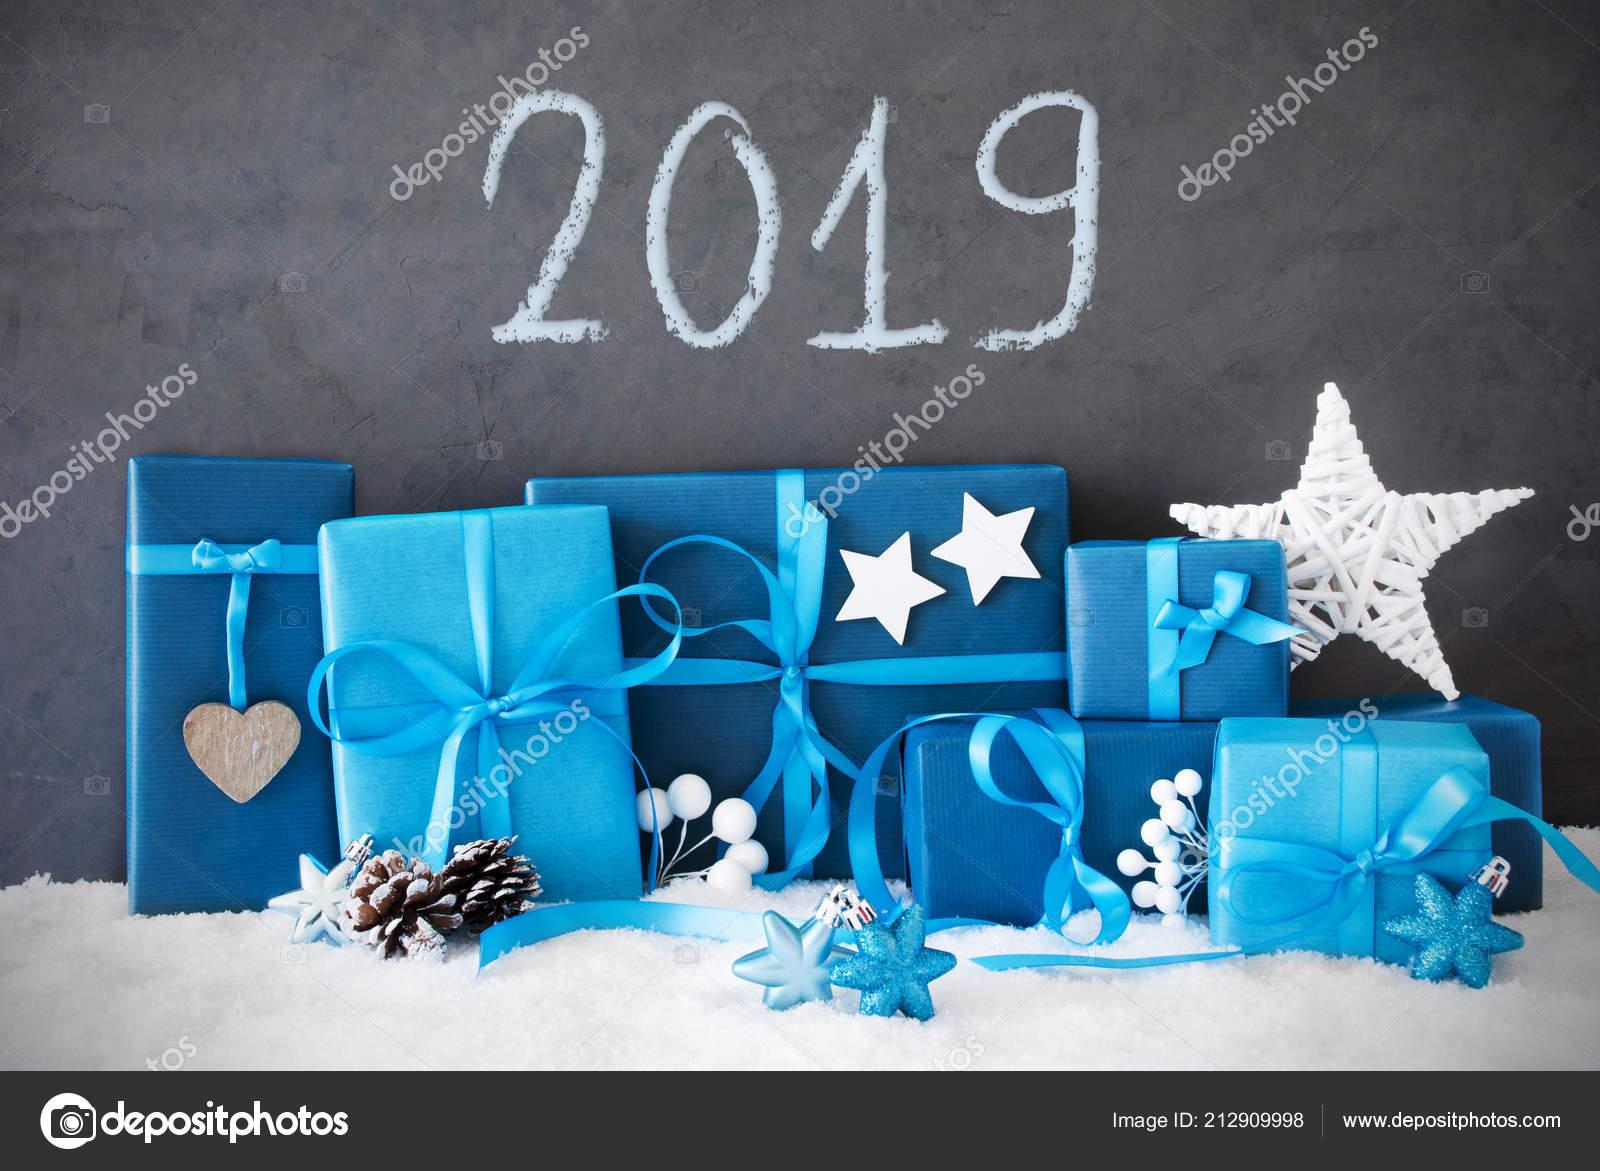 Regali Di Natale Inglese.Molti Blu Regali Di Natale Neve Inglese Testo 2019 Foto